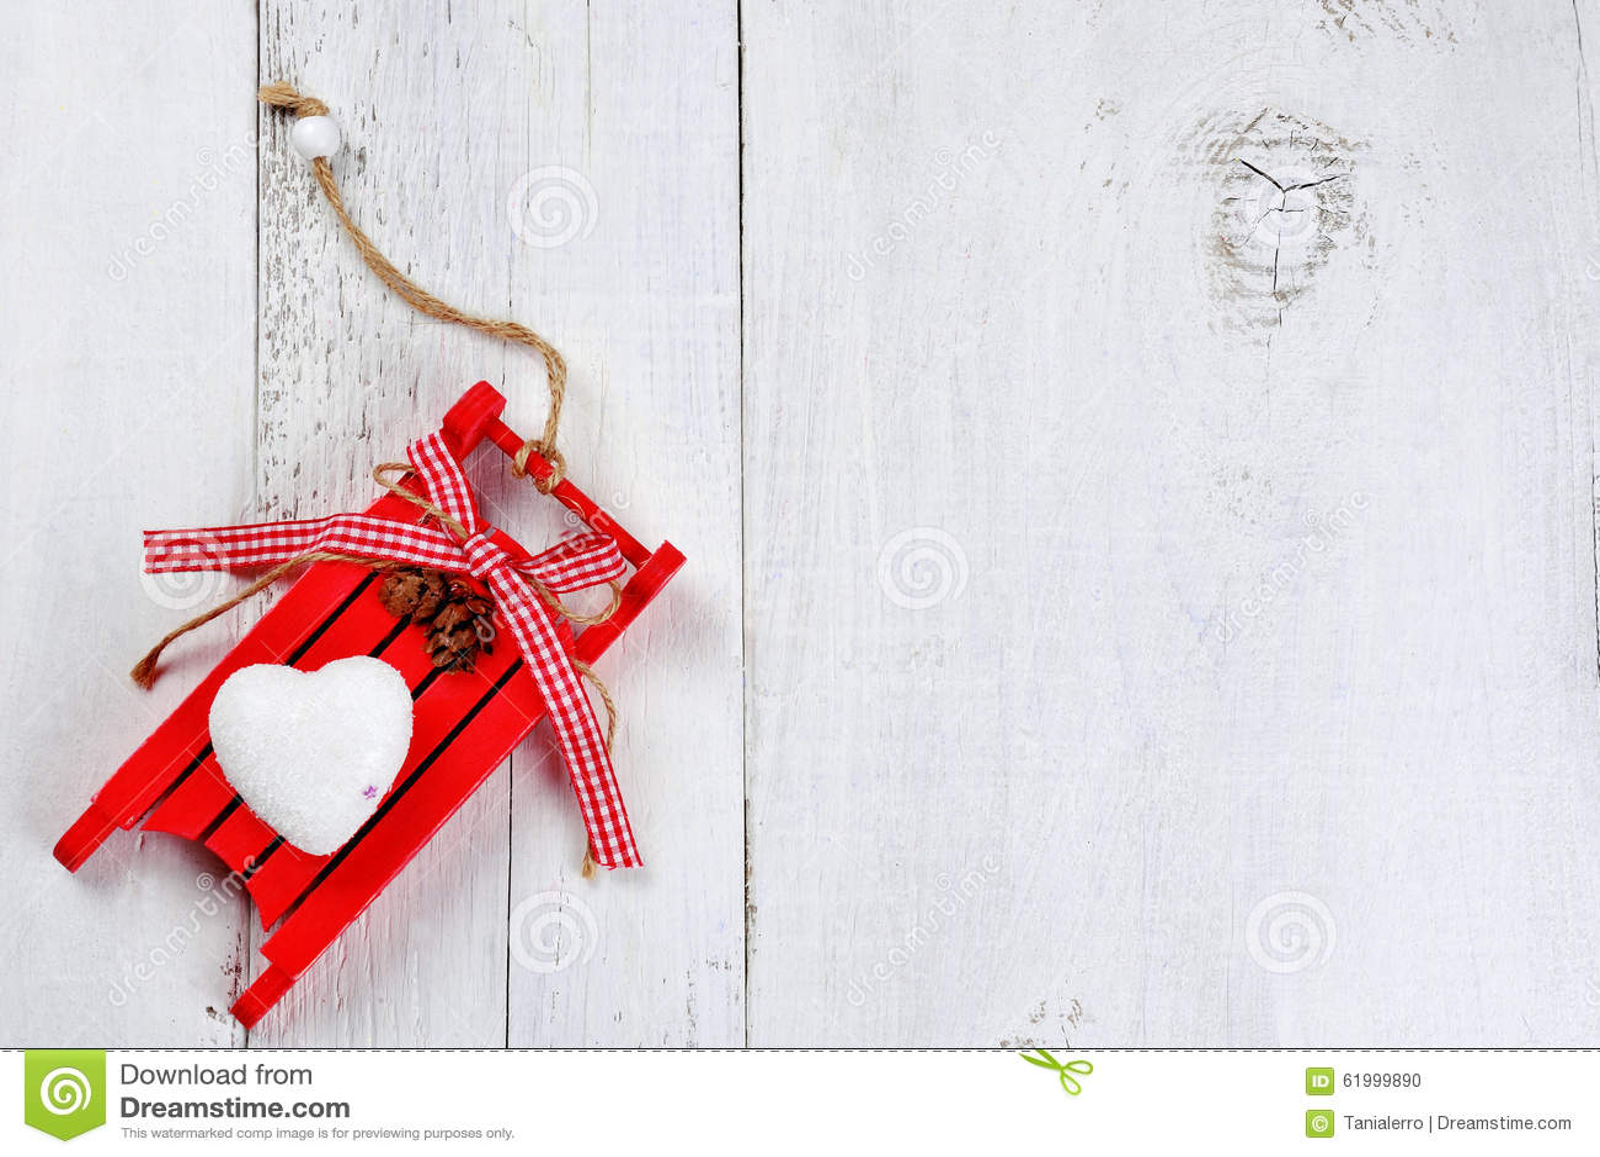 Weihnachtsschlitten Auf Hölzernem Hintergrund Stockfoto - Bild von ...